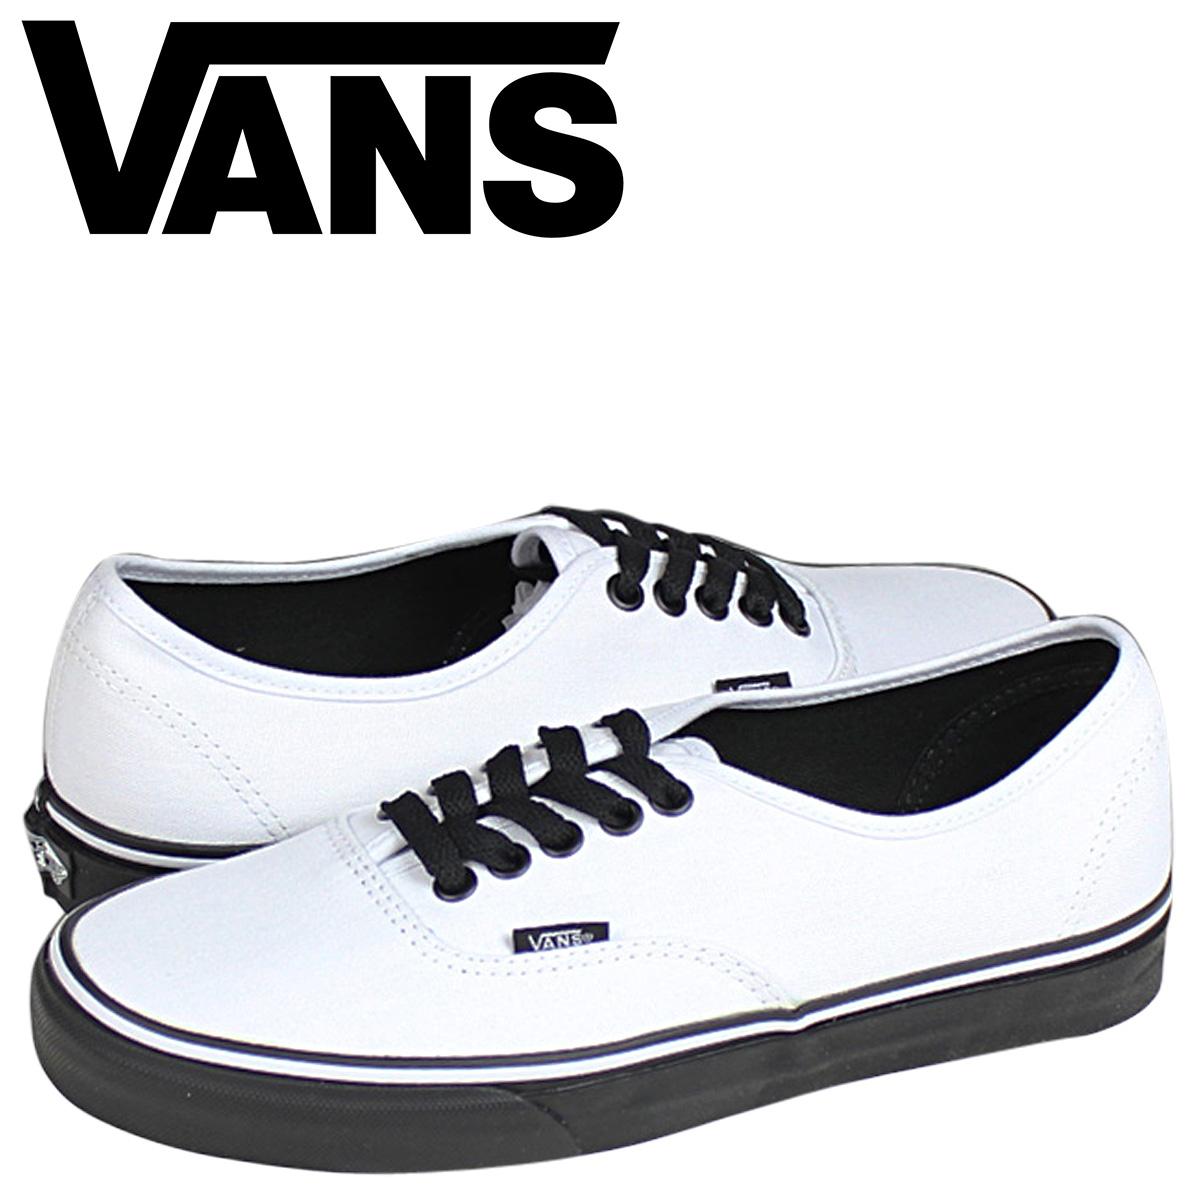 Vans VANS authentic sneakers AUTHENTIC BLACK SOLE VN 0YS7EOS men gap Dis shoes white